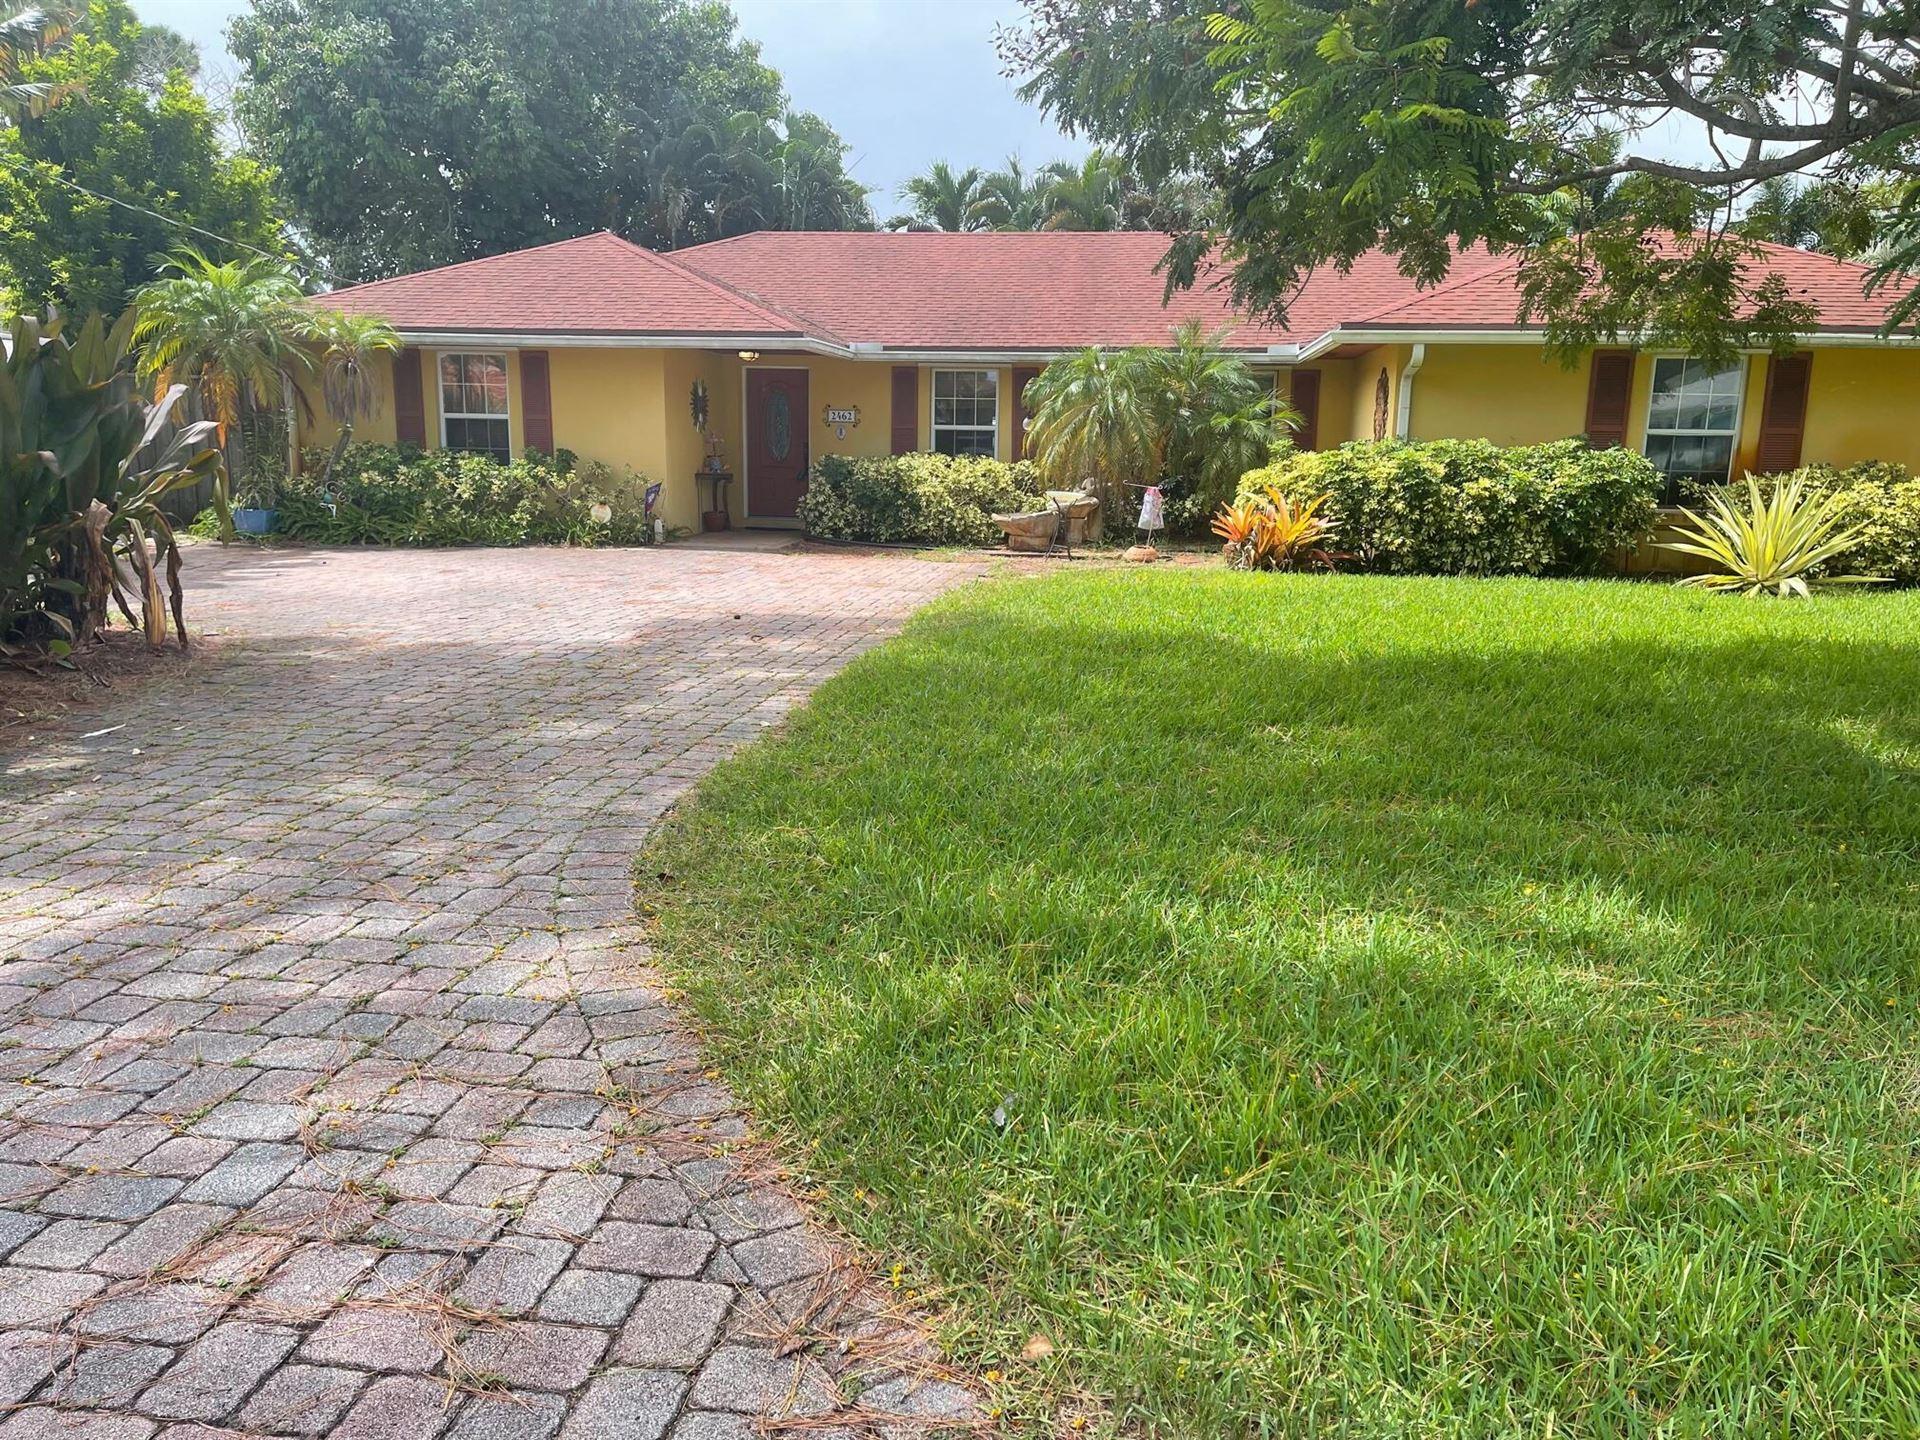 2462 Gertrude Lane, Lake Worth, FL 33462 - #: RX-10747495